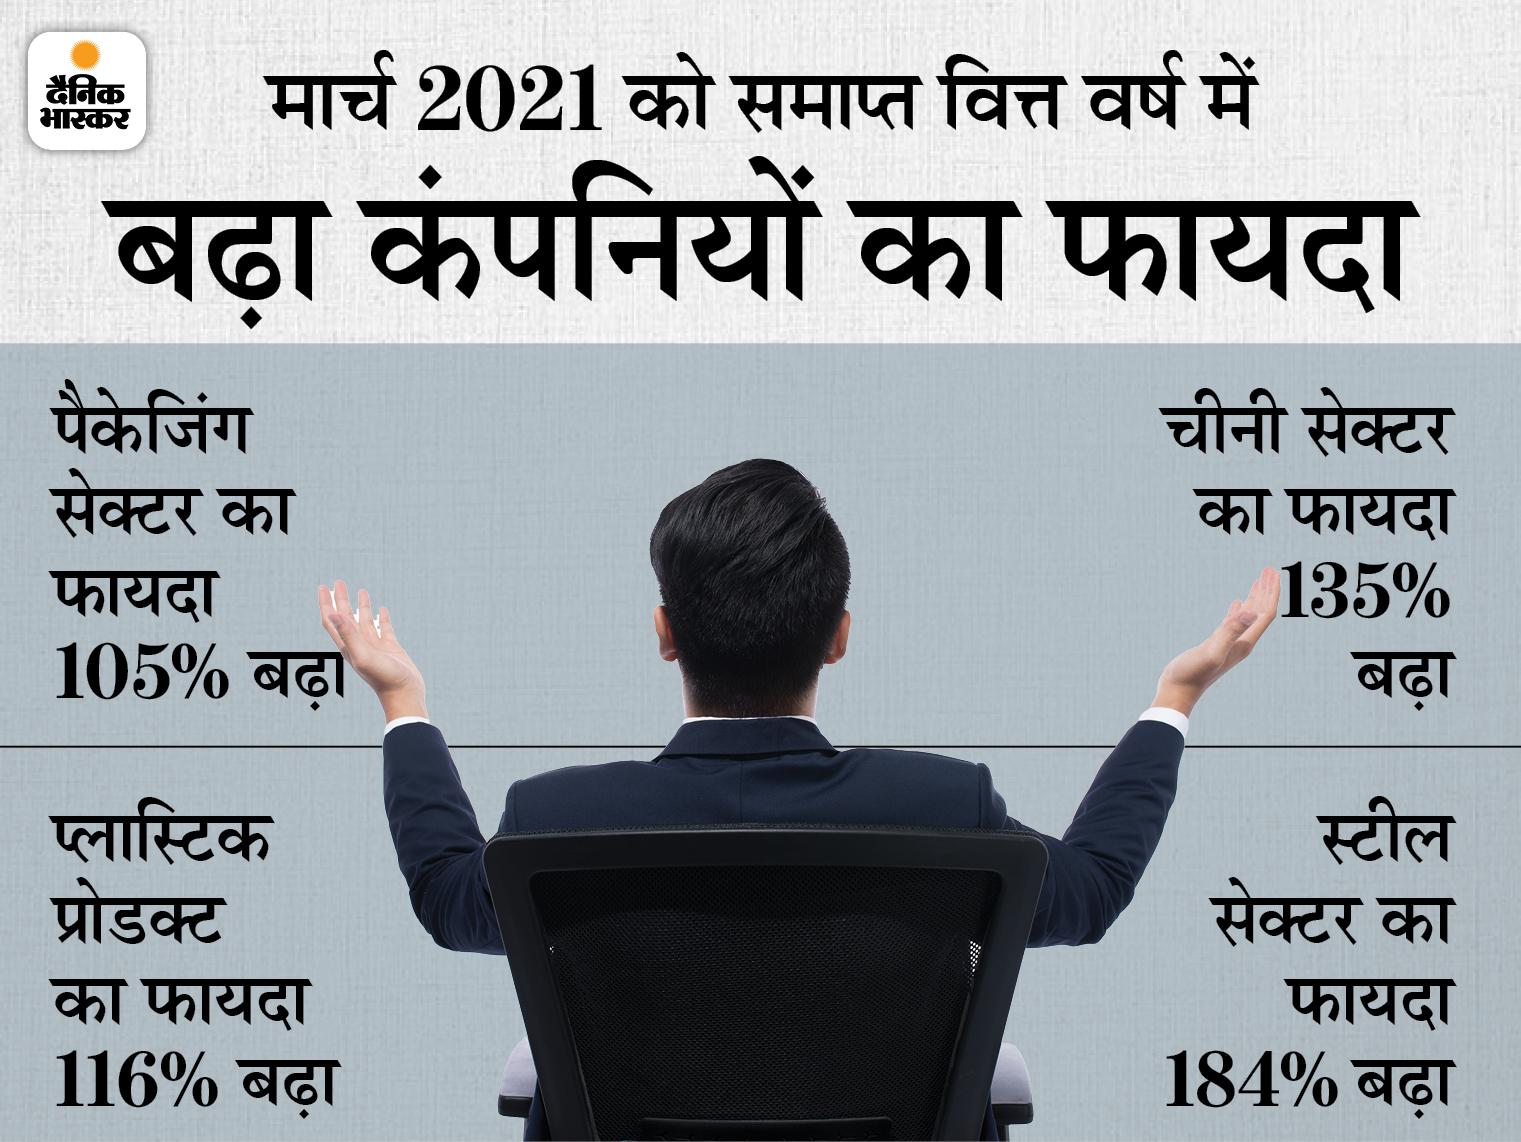 वित्त वर्ष 2020-21 में रेवेन्यू में 5% की गिरावट आई, पर शुद्ध फायदा 105% बढ़ा|बिजनेस,Business - Dainik Bhaskar